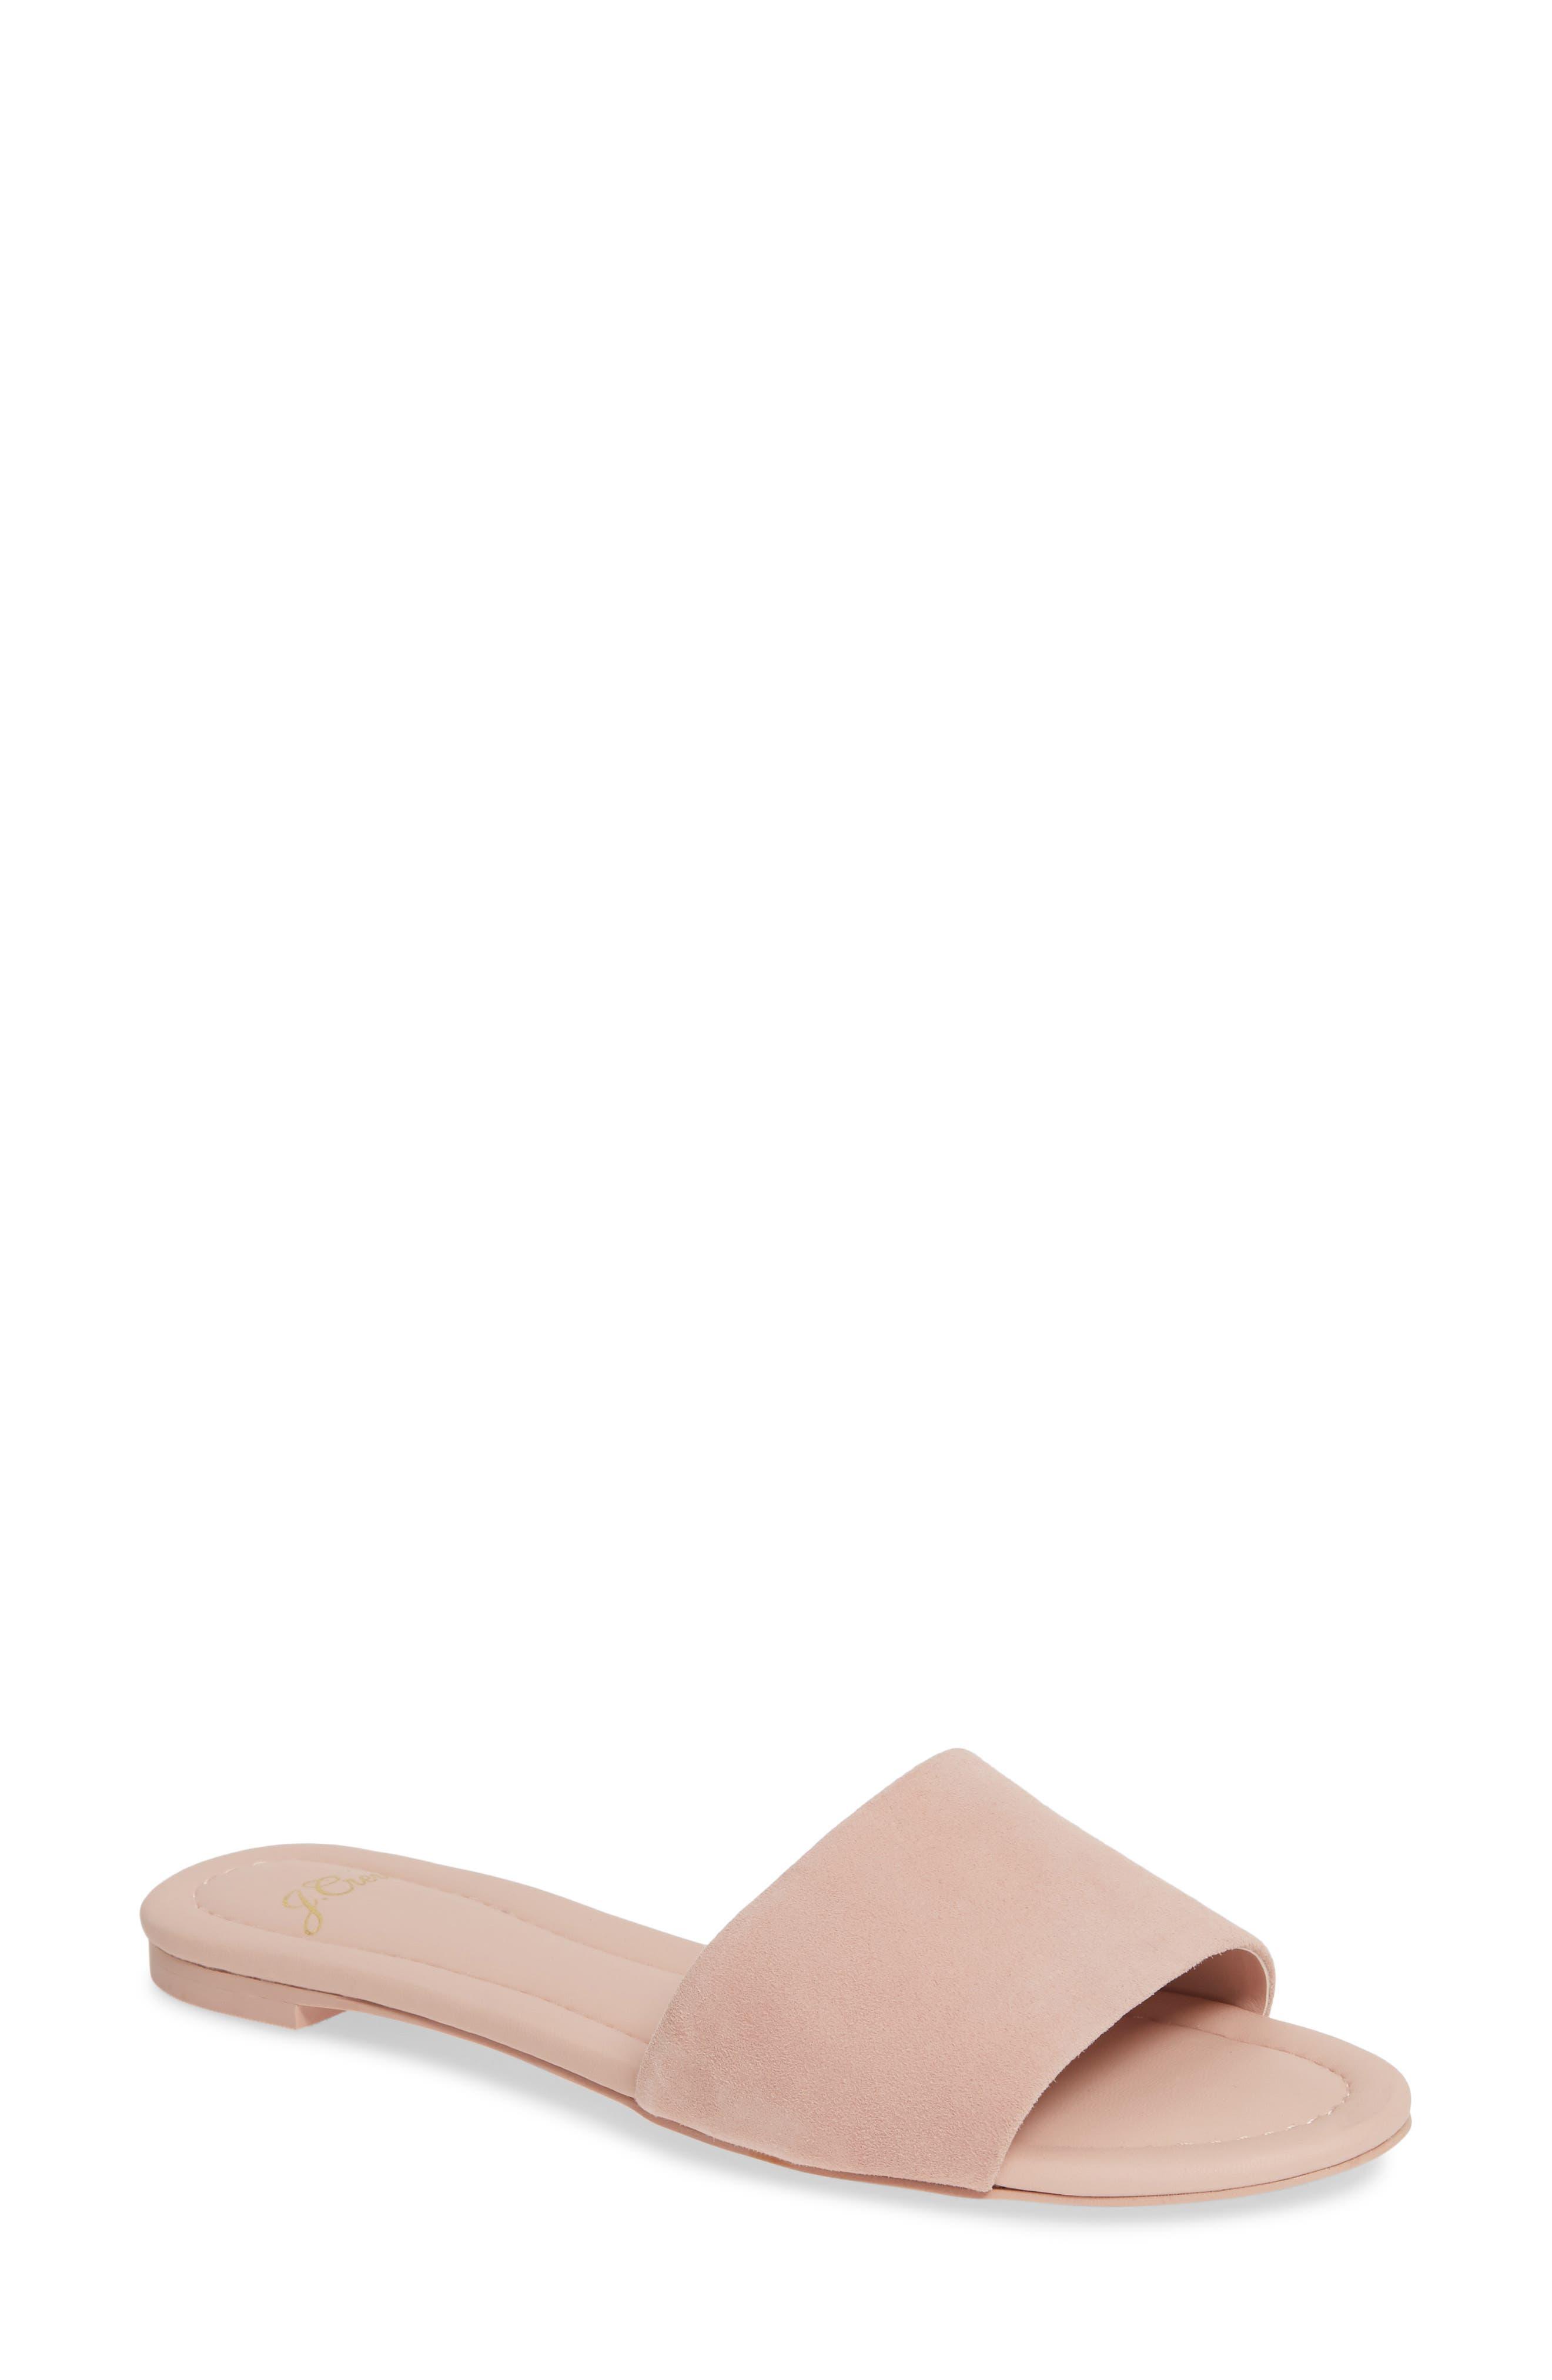 J.crew Cora Suede Slide Sandal, Pink